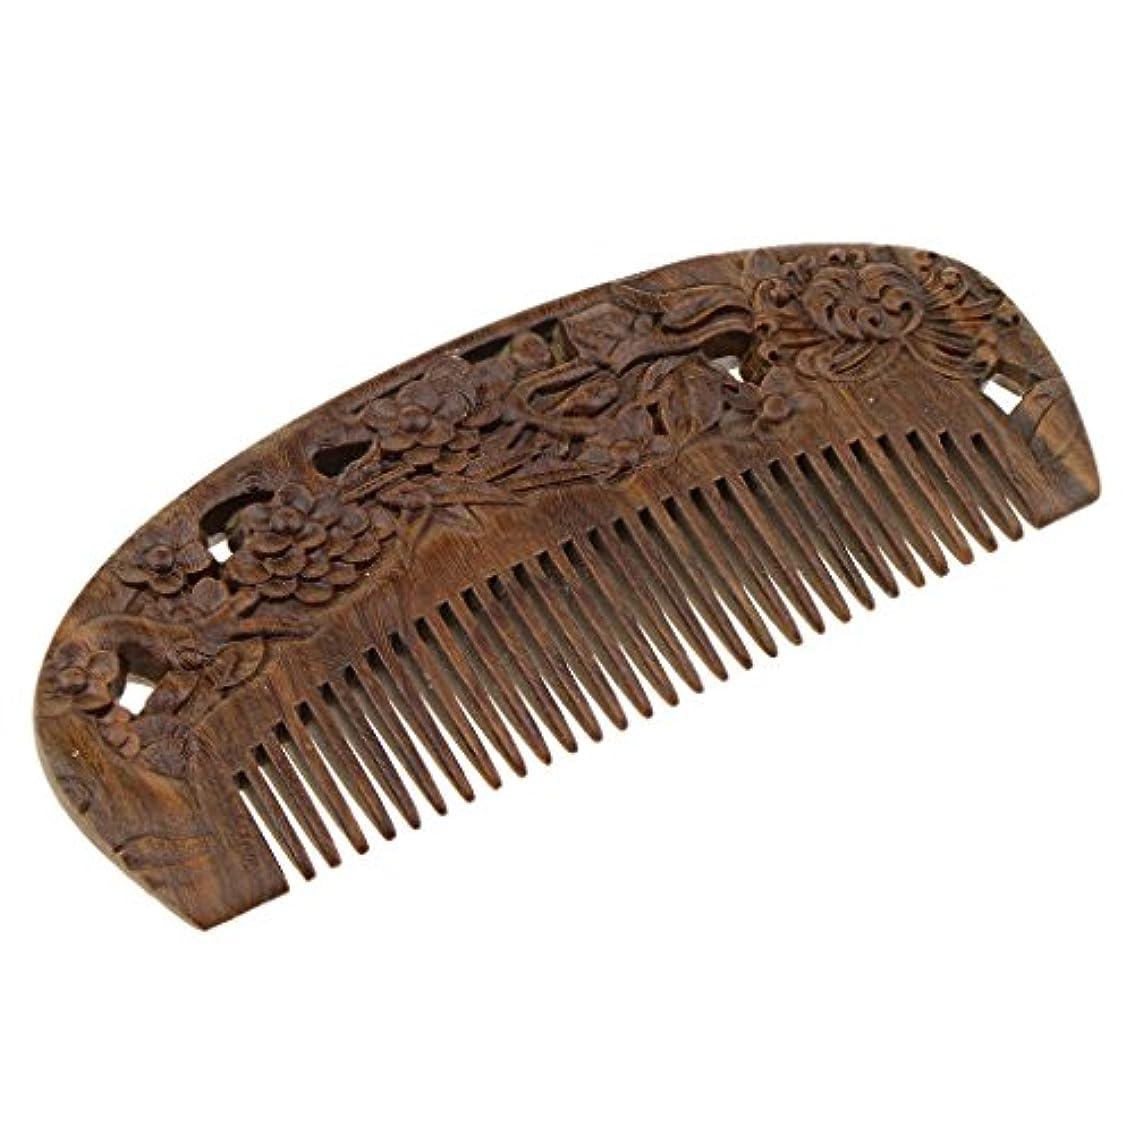 スポンサーゴルフ単なるヘアコーム 木製櫛 頭皮マッサージ 櫛 ヘアスタイリング 高品質 2タイプ選べる - #2